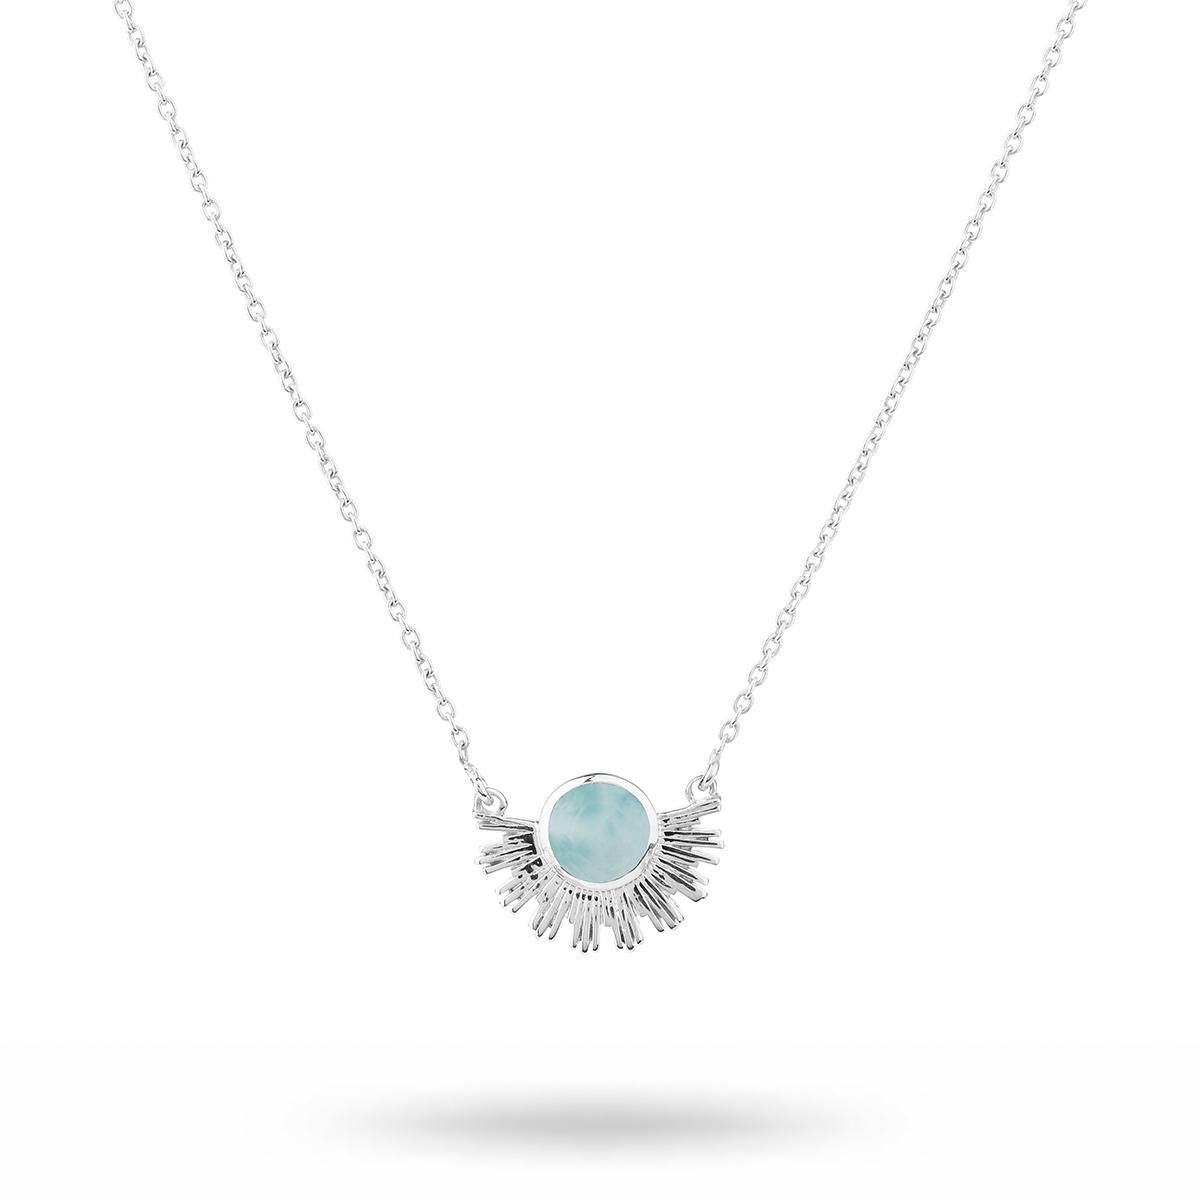 NS1275LA-1-Sunburst-necklace-silver-larimar